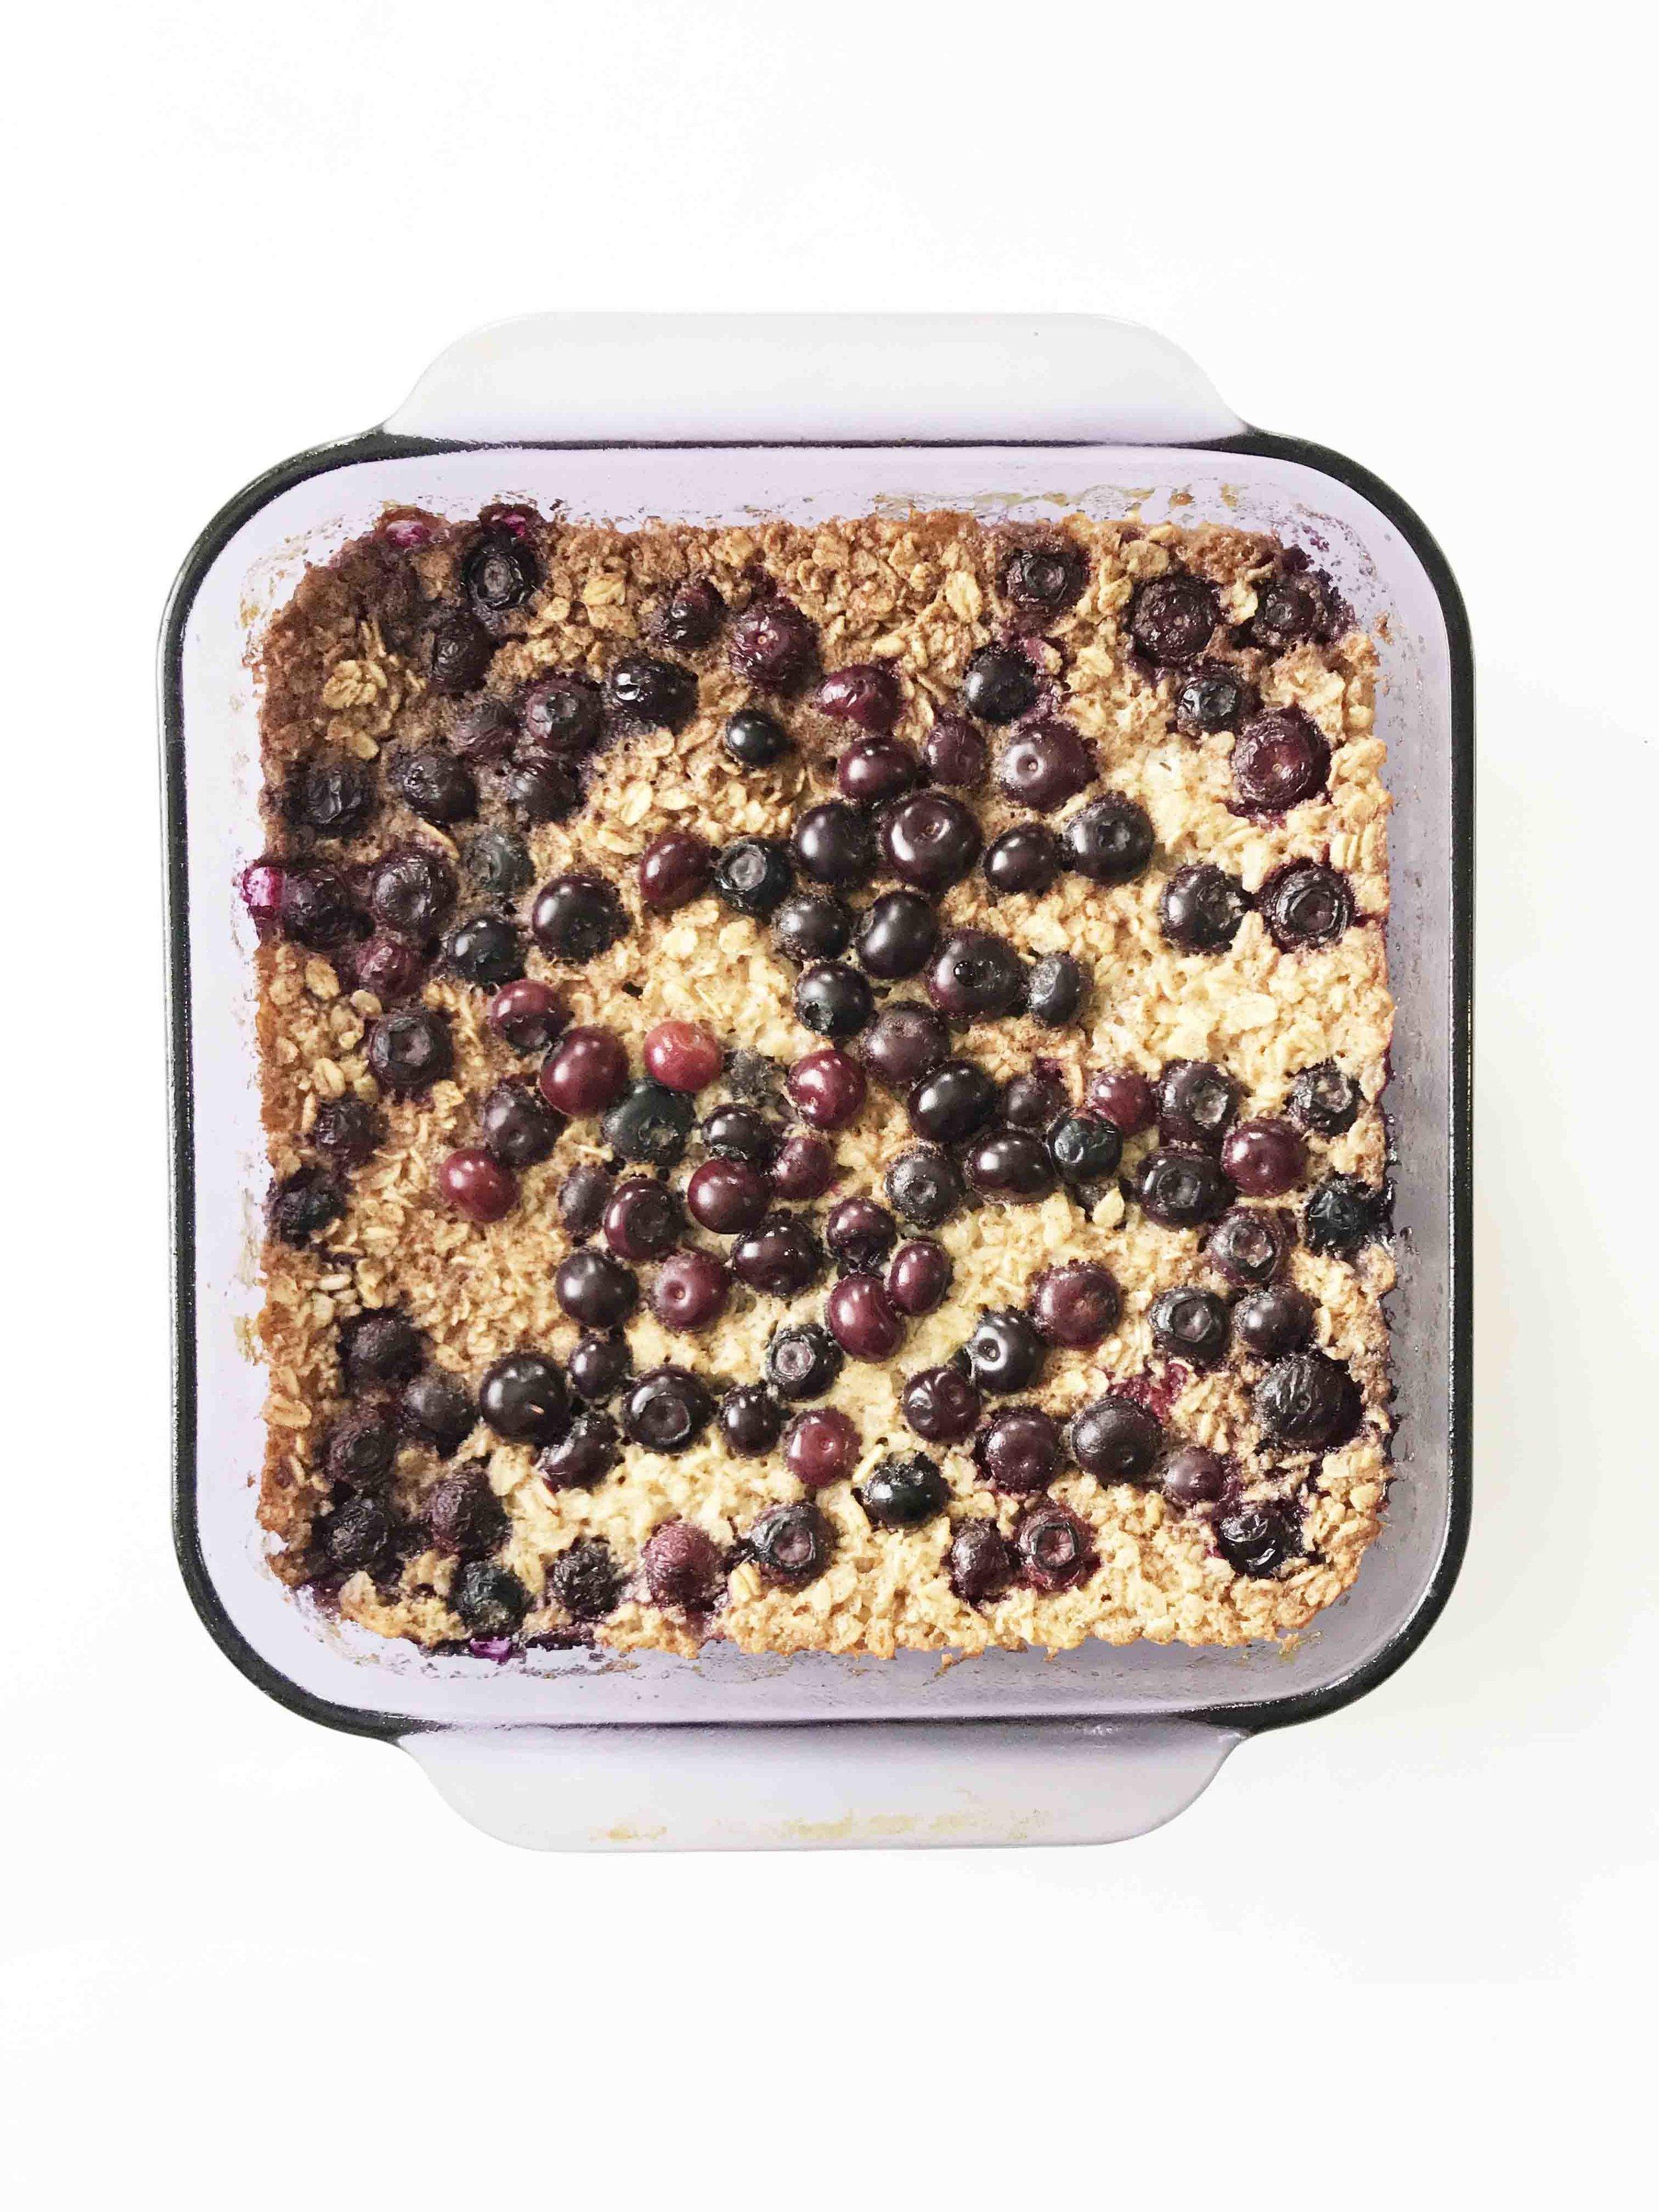 baked-blueberry-oatmeal6.jpg